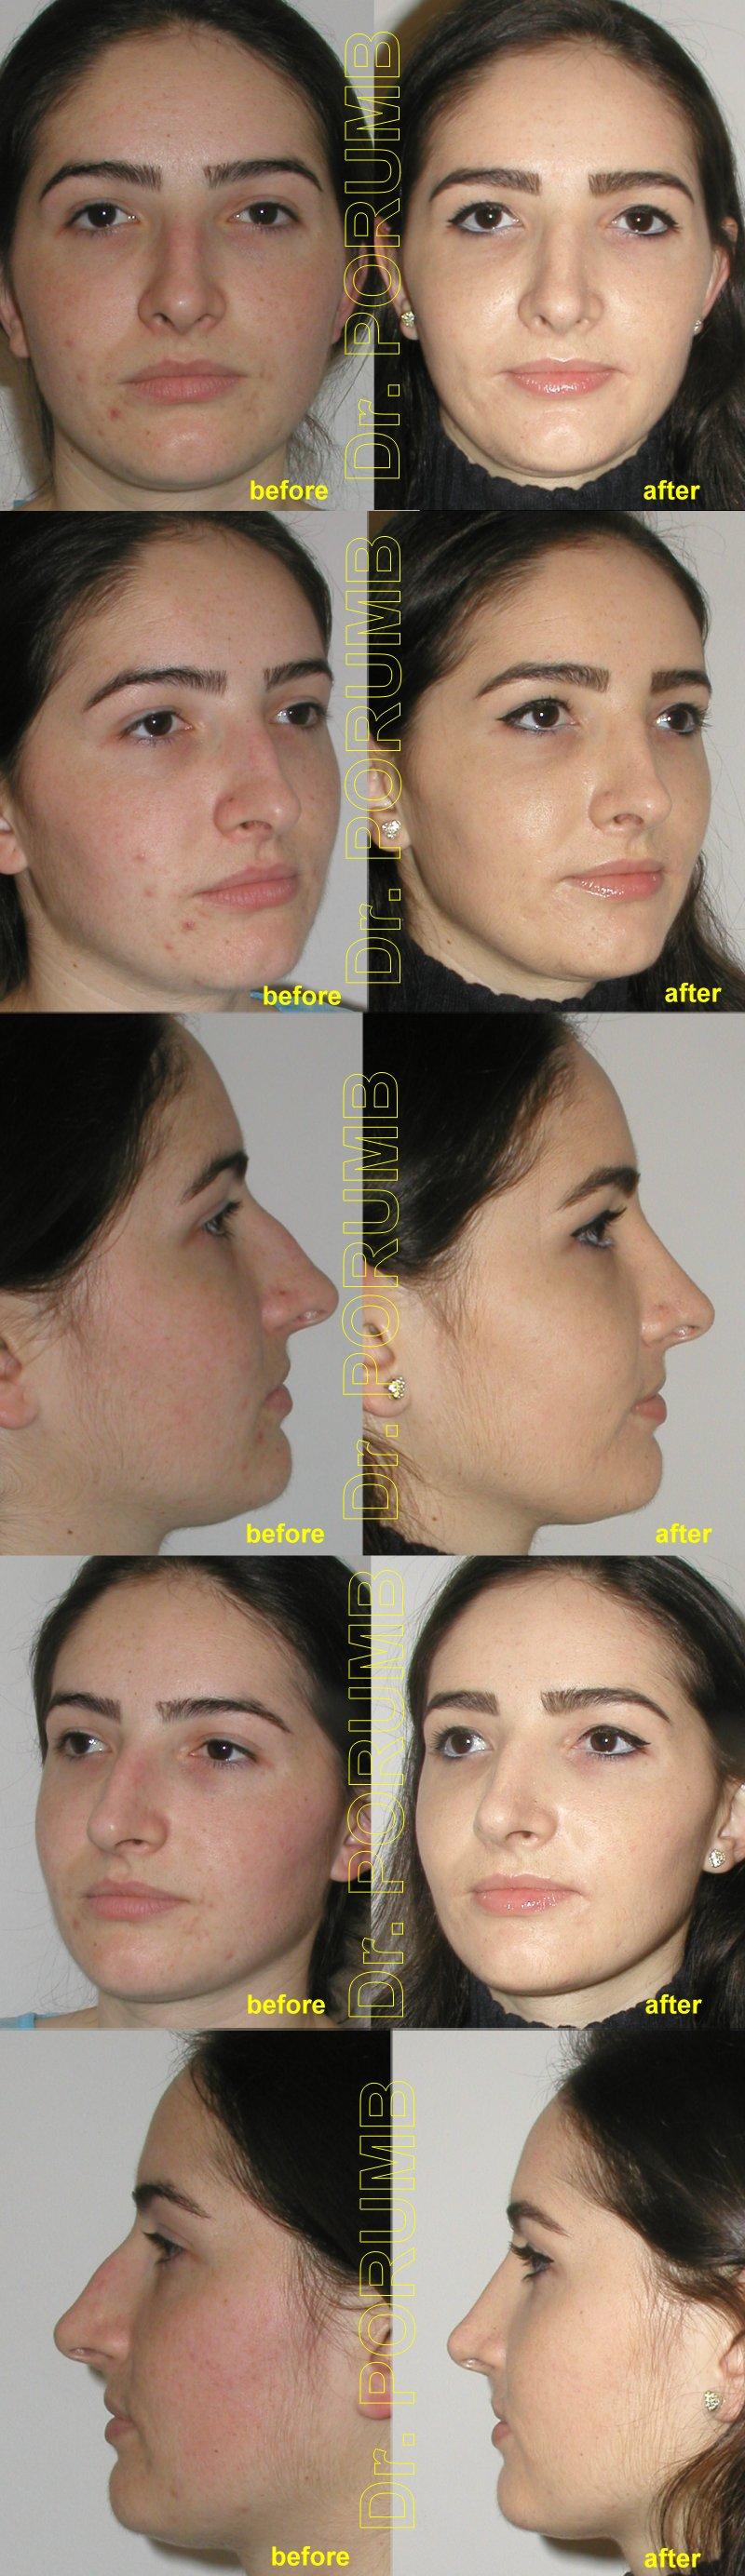 Pacienta de 24 ani, nemultumita de aspectul estetic al nasului, de marimea nasului, doreste sa apeleze la chirurgie estetica de rinoplastie (operatie estetica nas), cu corectia deviatiei de sept, indepartarea cocoasei si micsorarea nasului, subtierea nasului si a bazei piramidei nazale si scurtarea nasului, diminuarea proiectiei